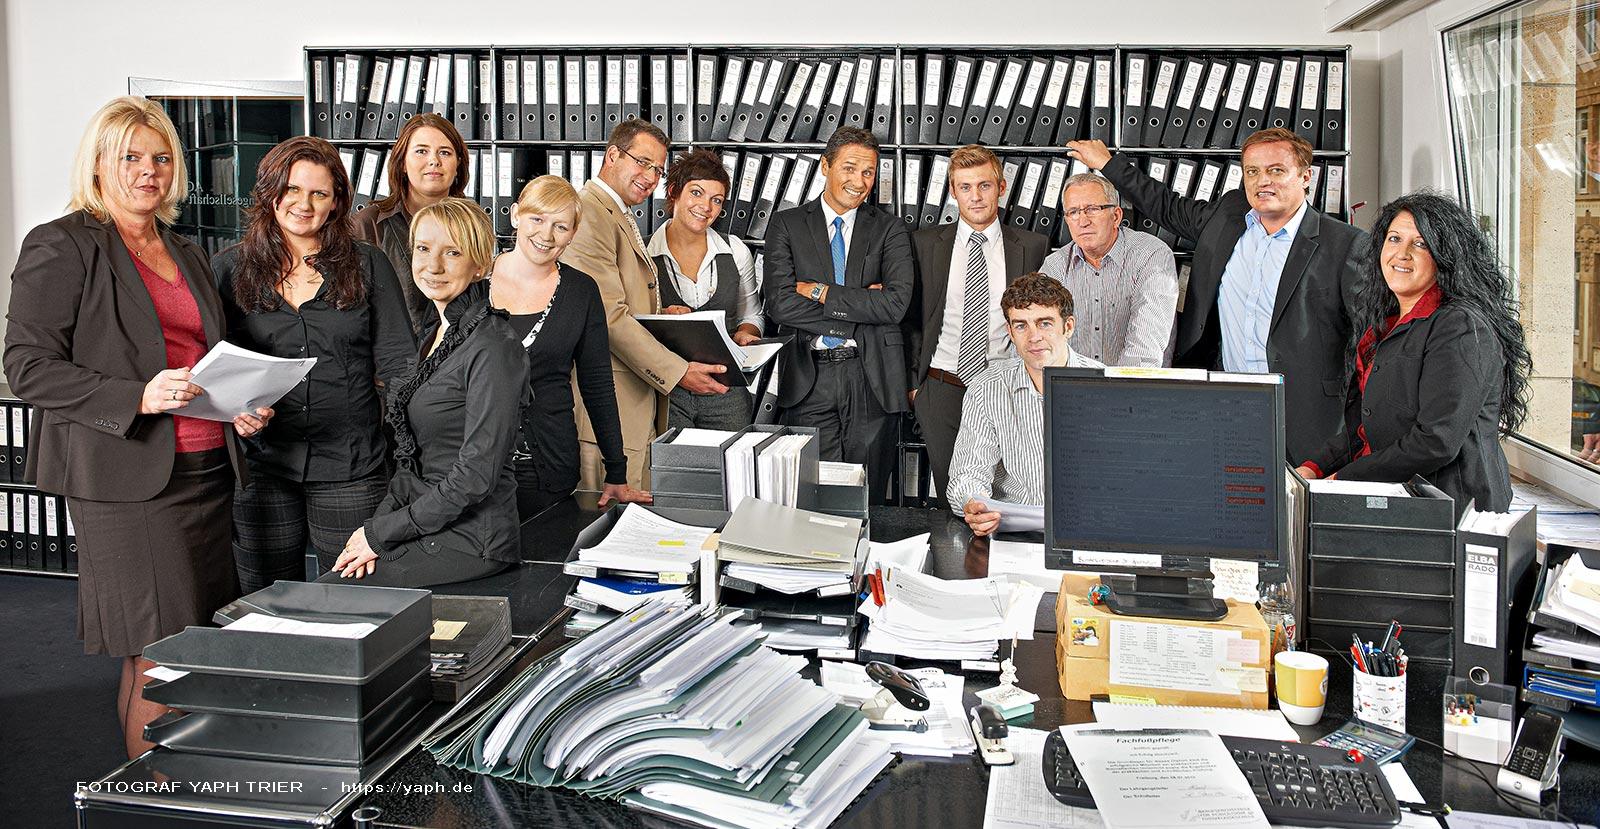 Business Fotografie und Teamfotos, Fotograf für Firmen in Trier -Yaph